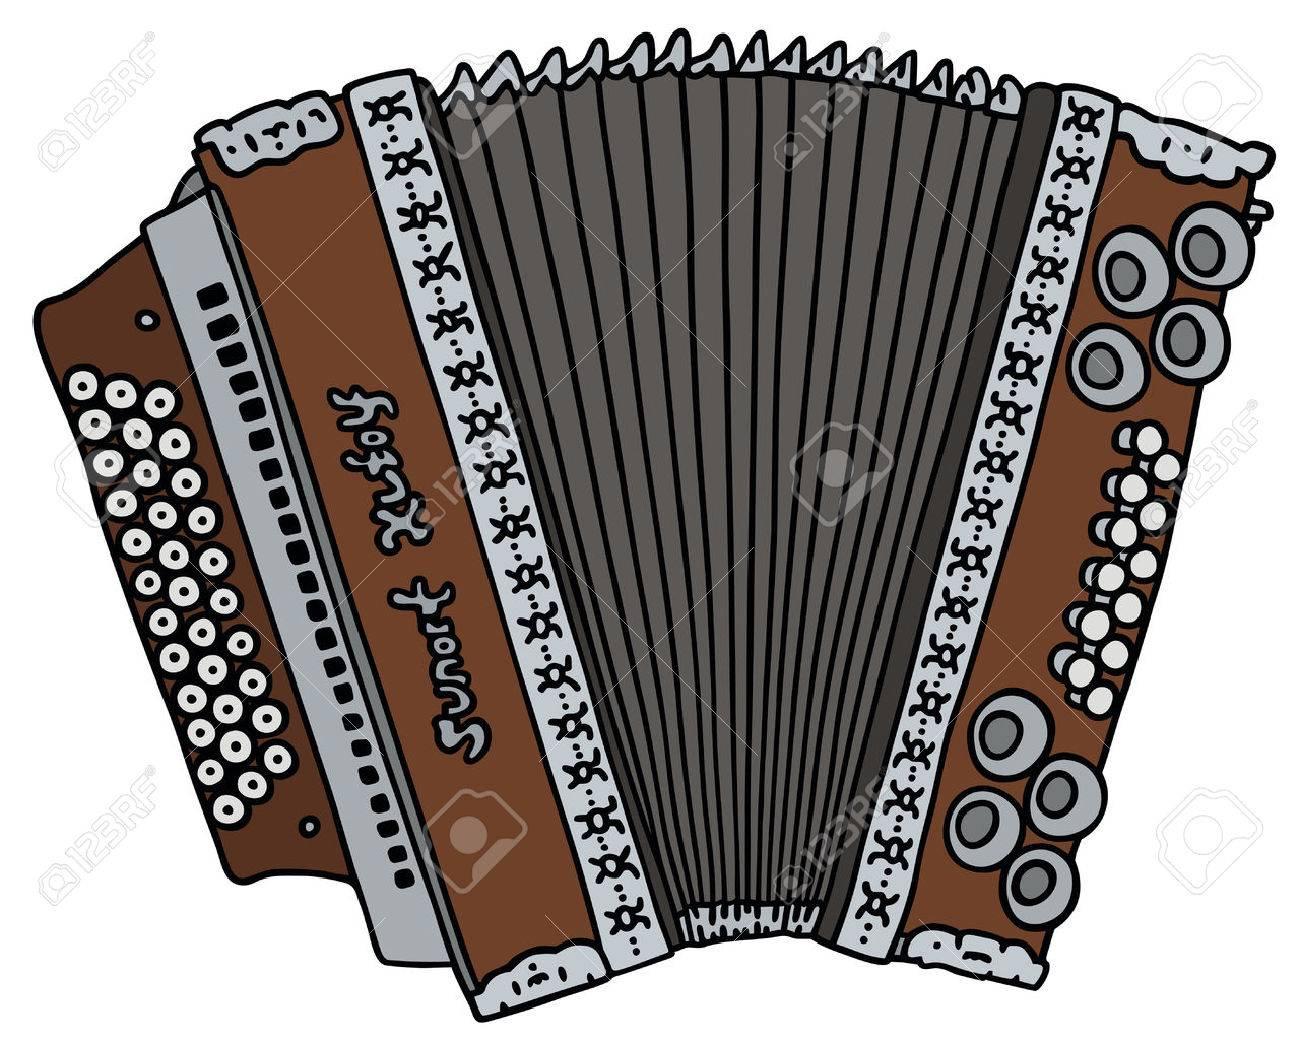 Dessin Accordéon dessin à la main d'un accordéon vieux clip art libres de droits